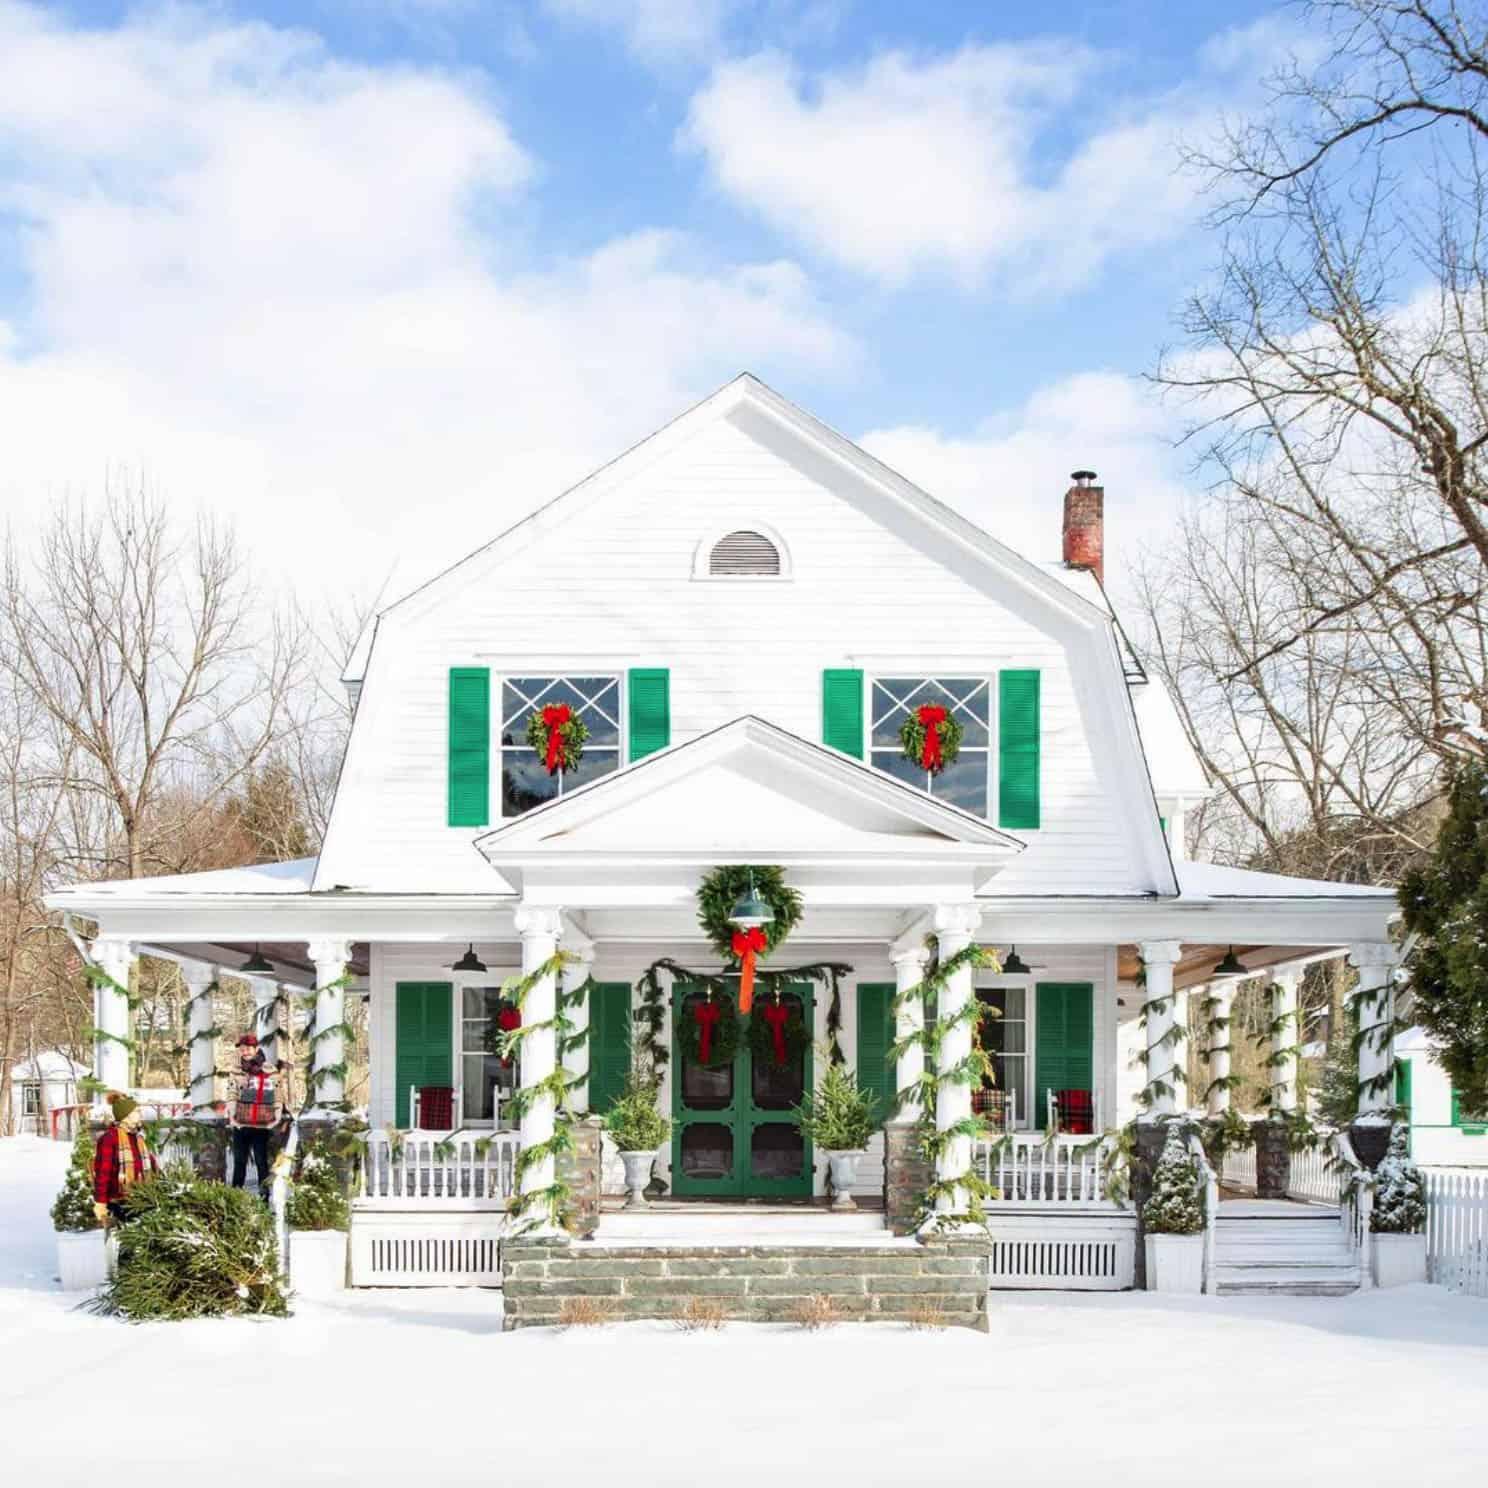 holiday-decor-ideas-house